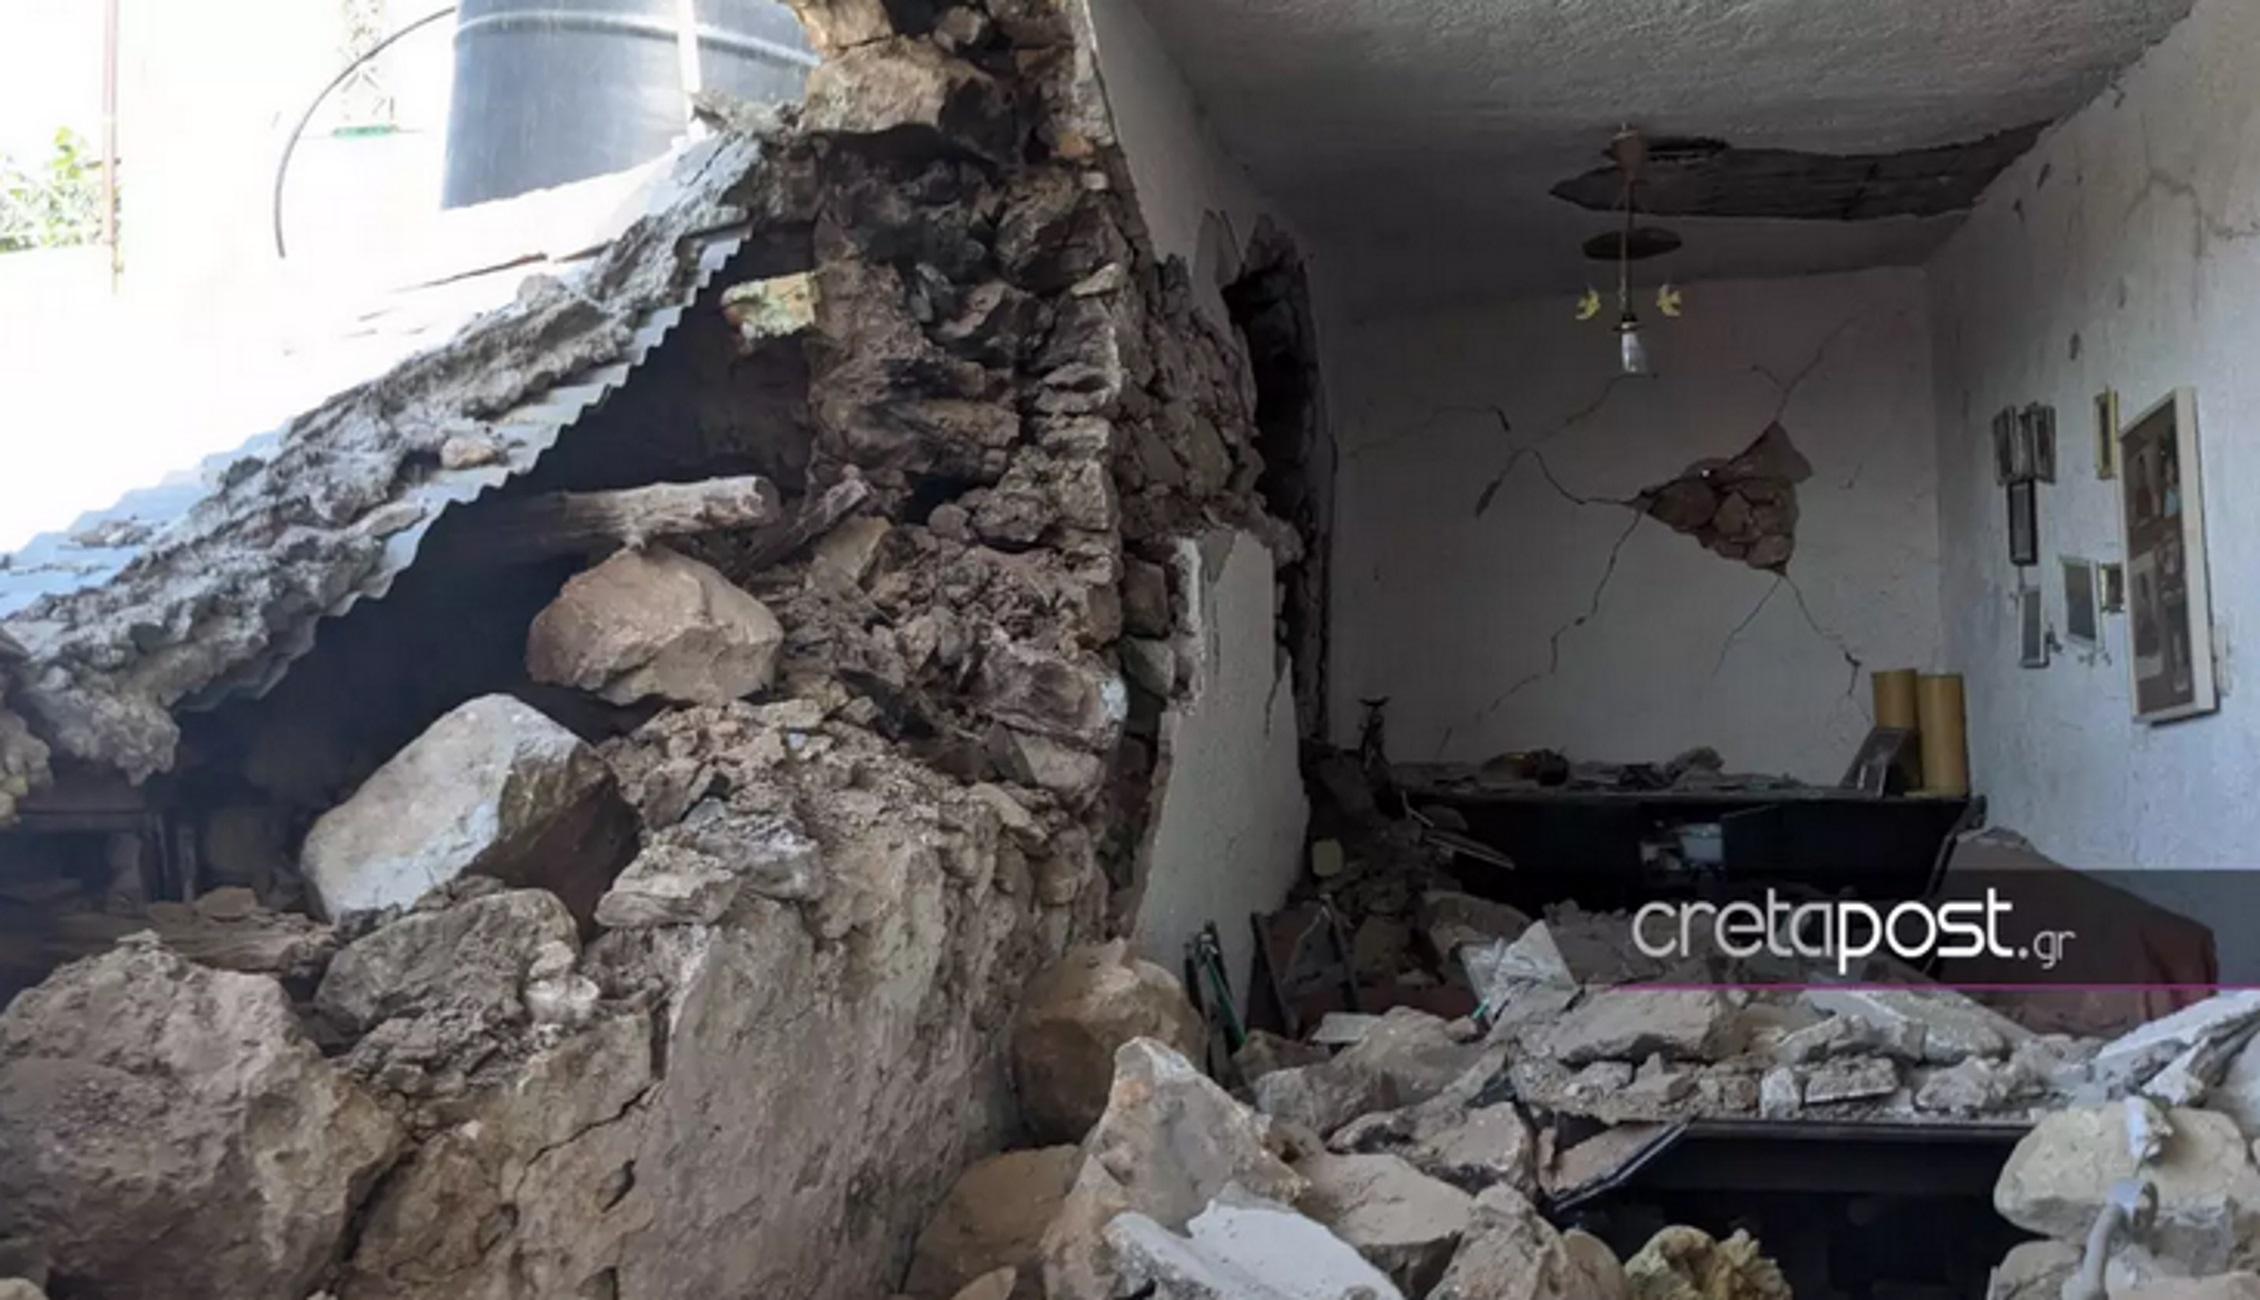 Σεισμός στην Κρήτη: Νέες εικόνες απόλυτης καταστροφής – «Δεν έμεινε τίποτα από τις περιουσίες μας»